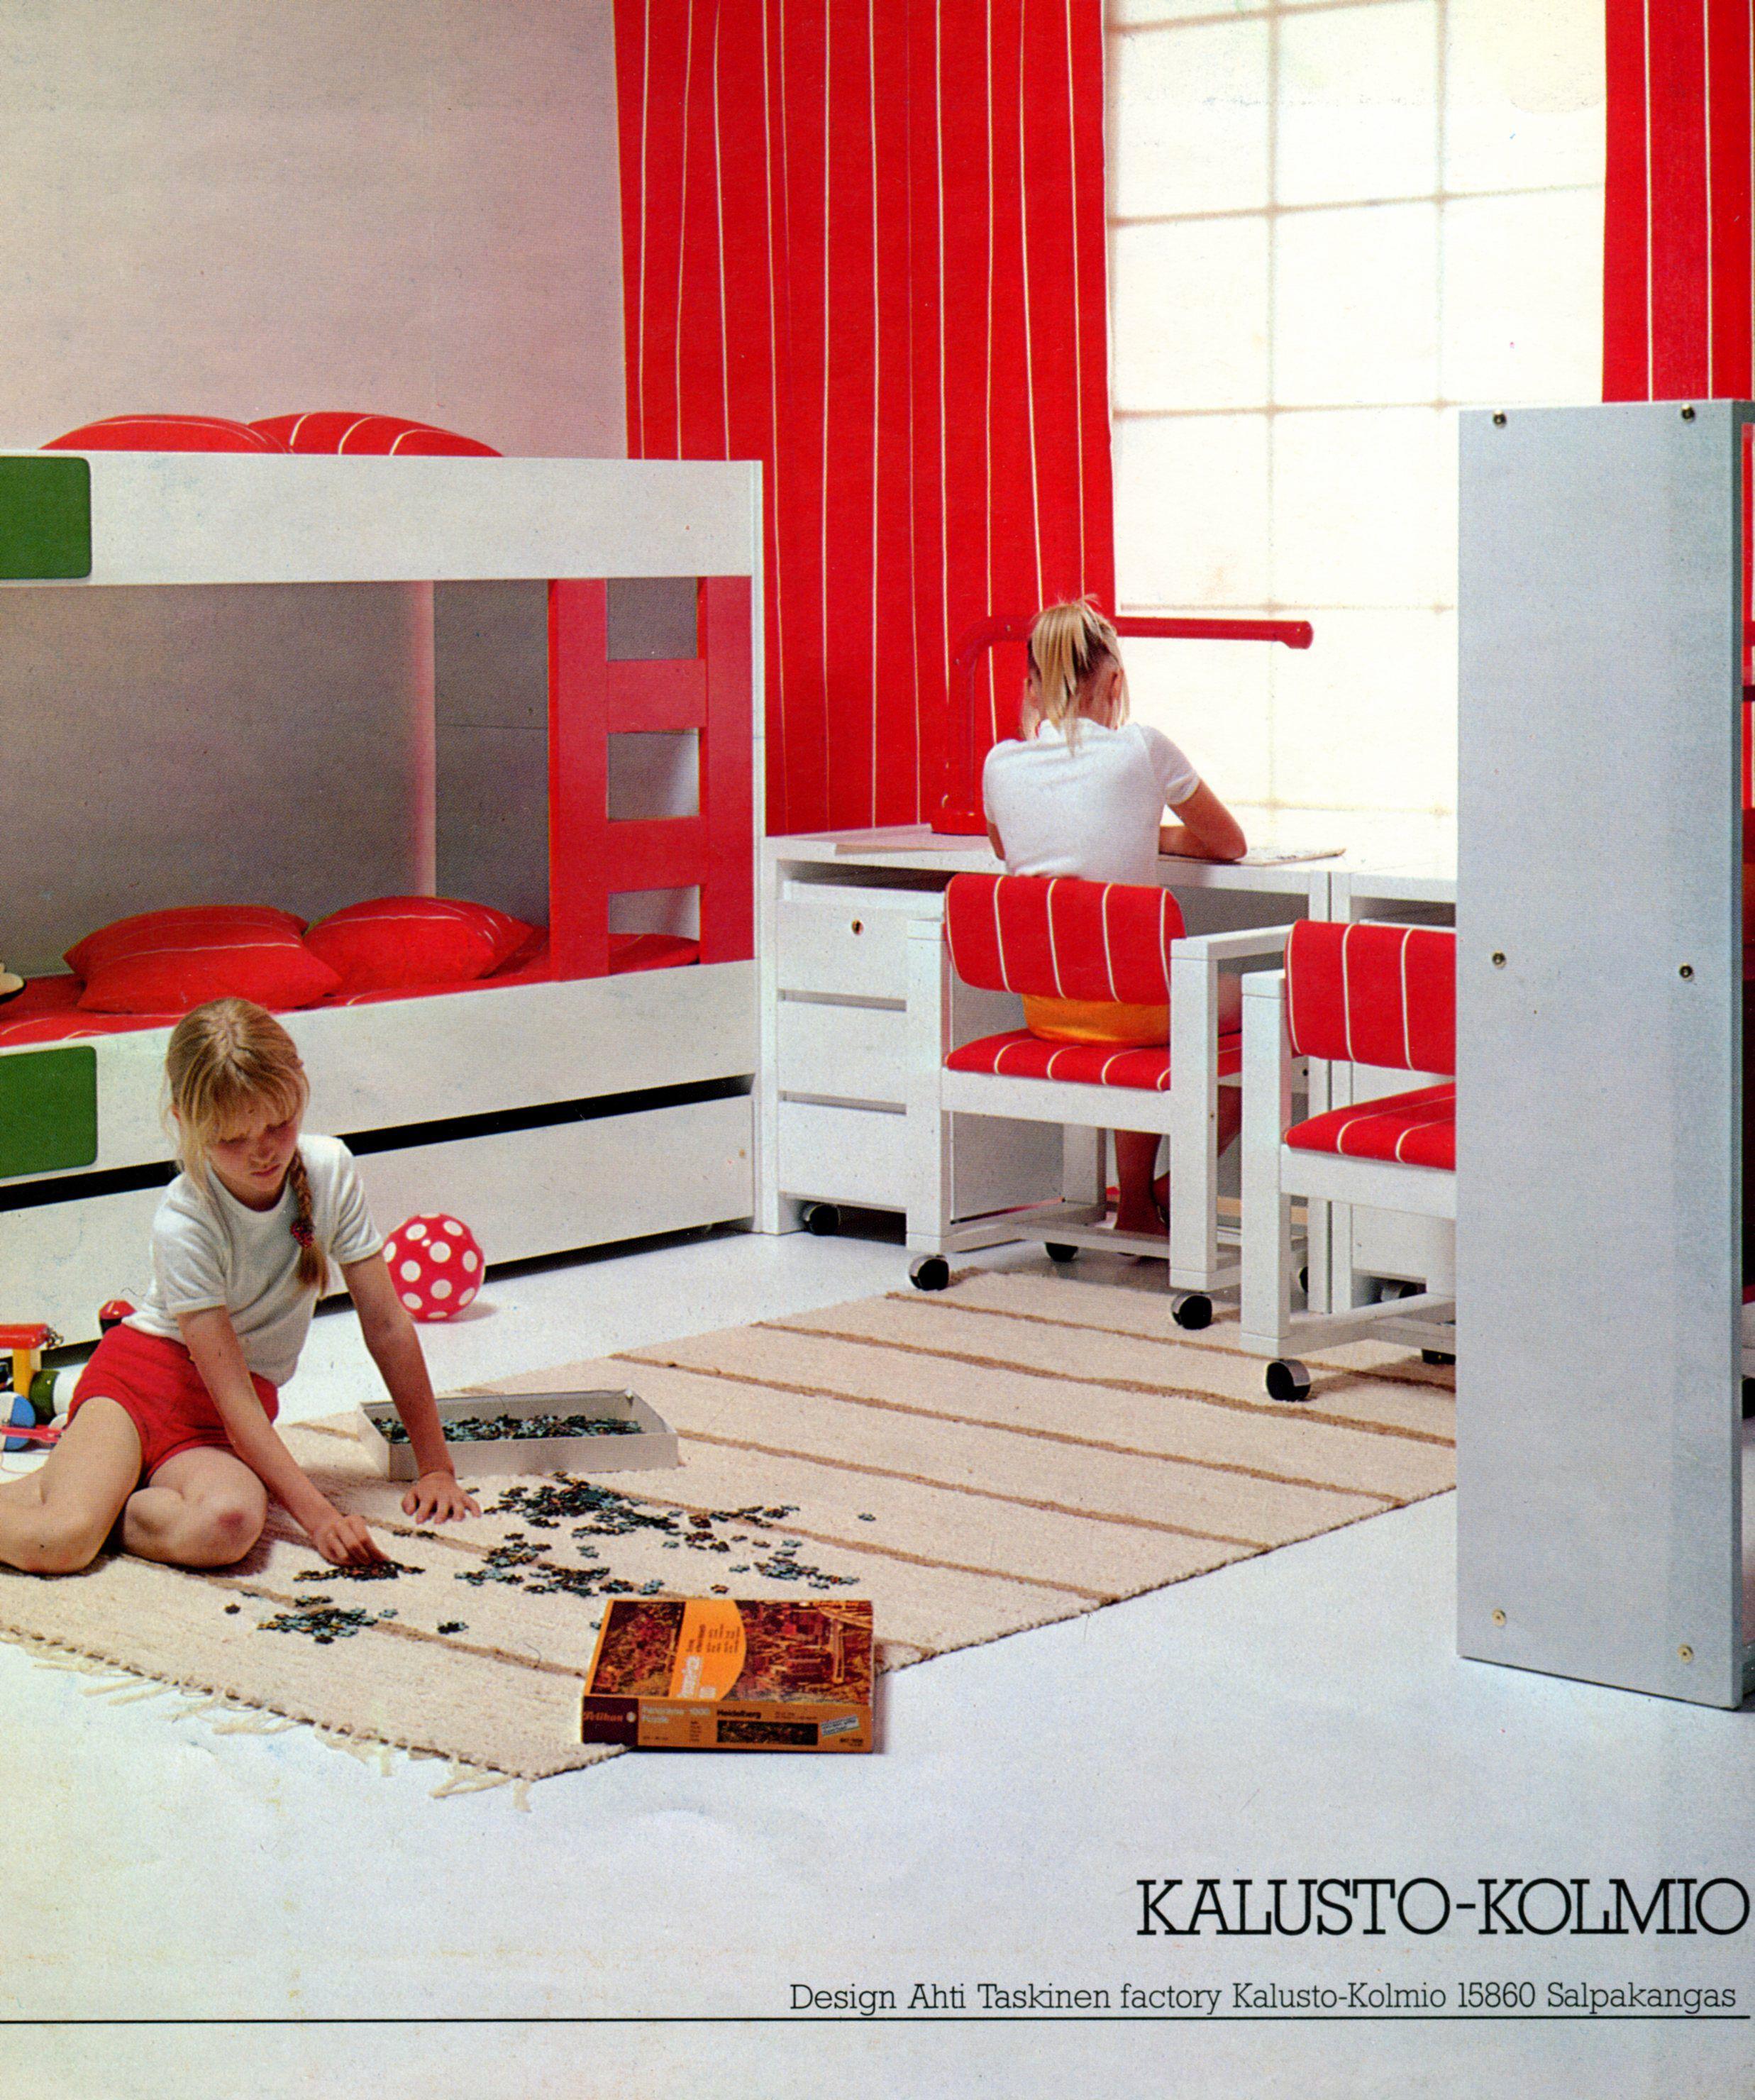 70S Furniture For The Kids Room, Design Ahti Taskinen